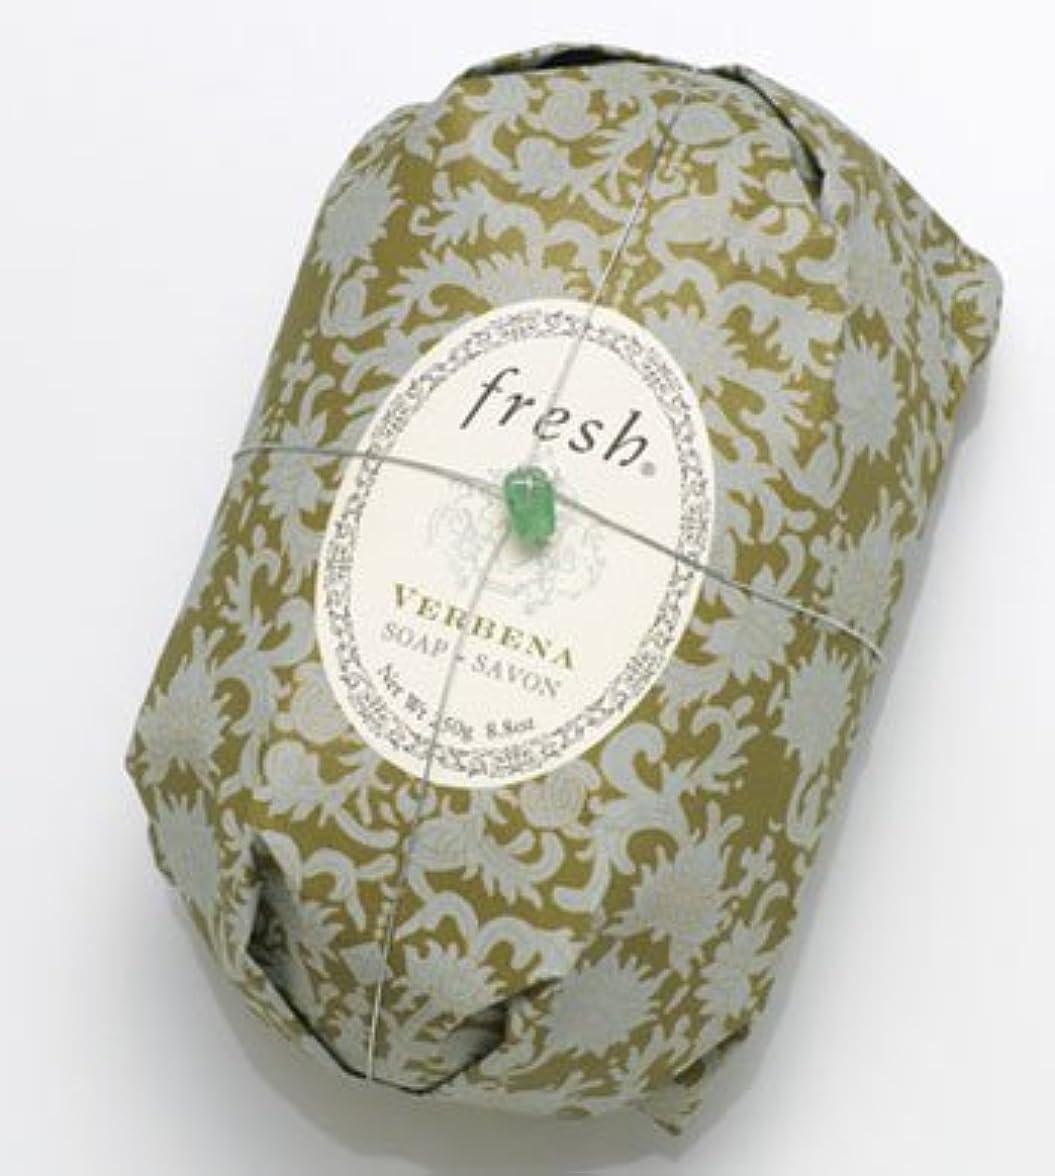 王室無秩序イースターFresh VERBENA SOAP (フレッシュ バーベナ ソープ) 8.8 oz (250g) Soap (石鹸) by Fresh